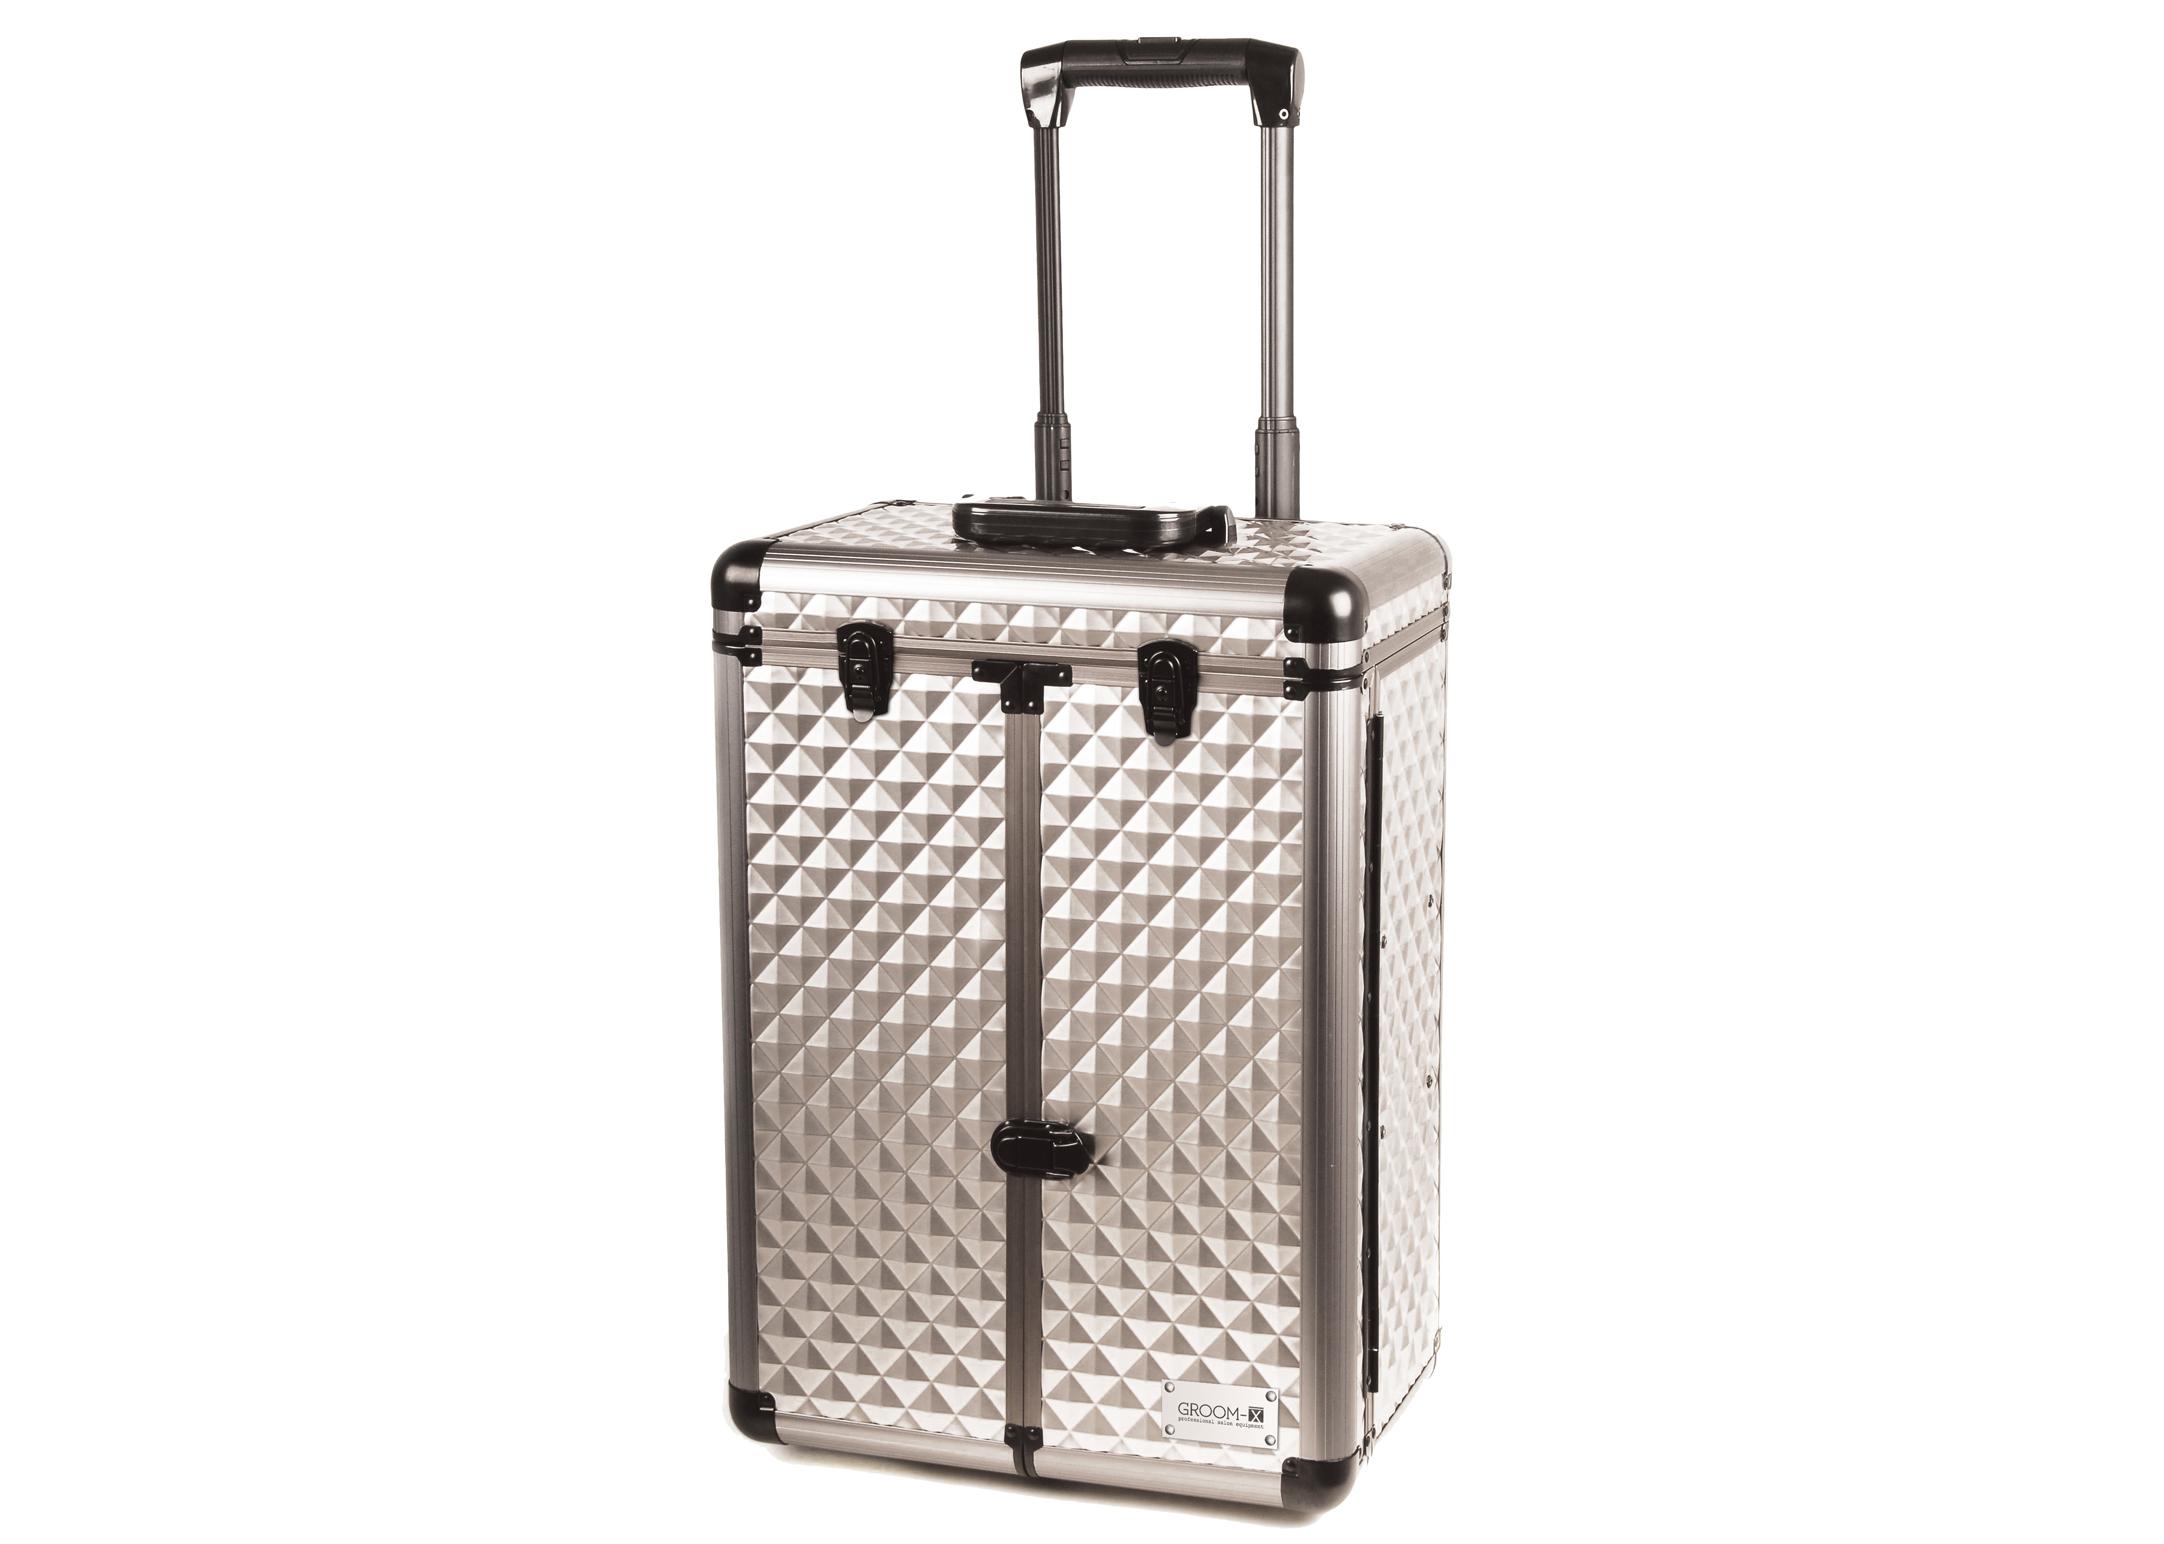 Groom-X Valise de Toilettage Deluxe 2 roues et Manche Téléscopique, Panneau Diamant